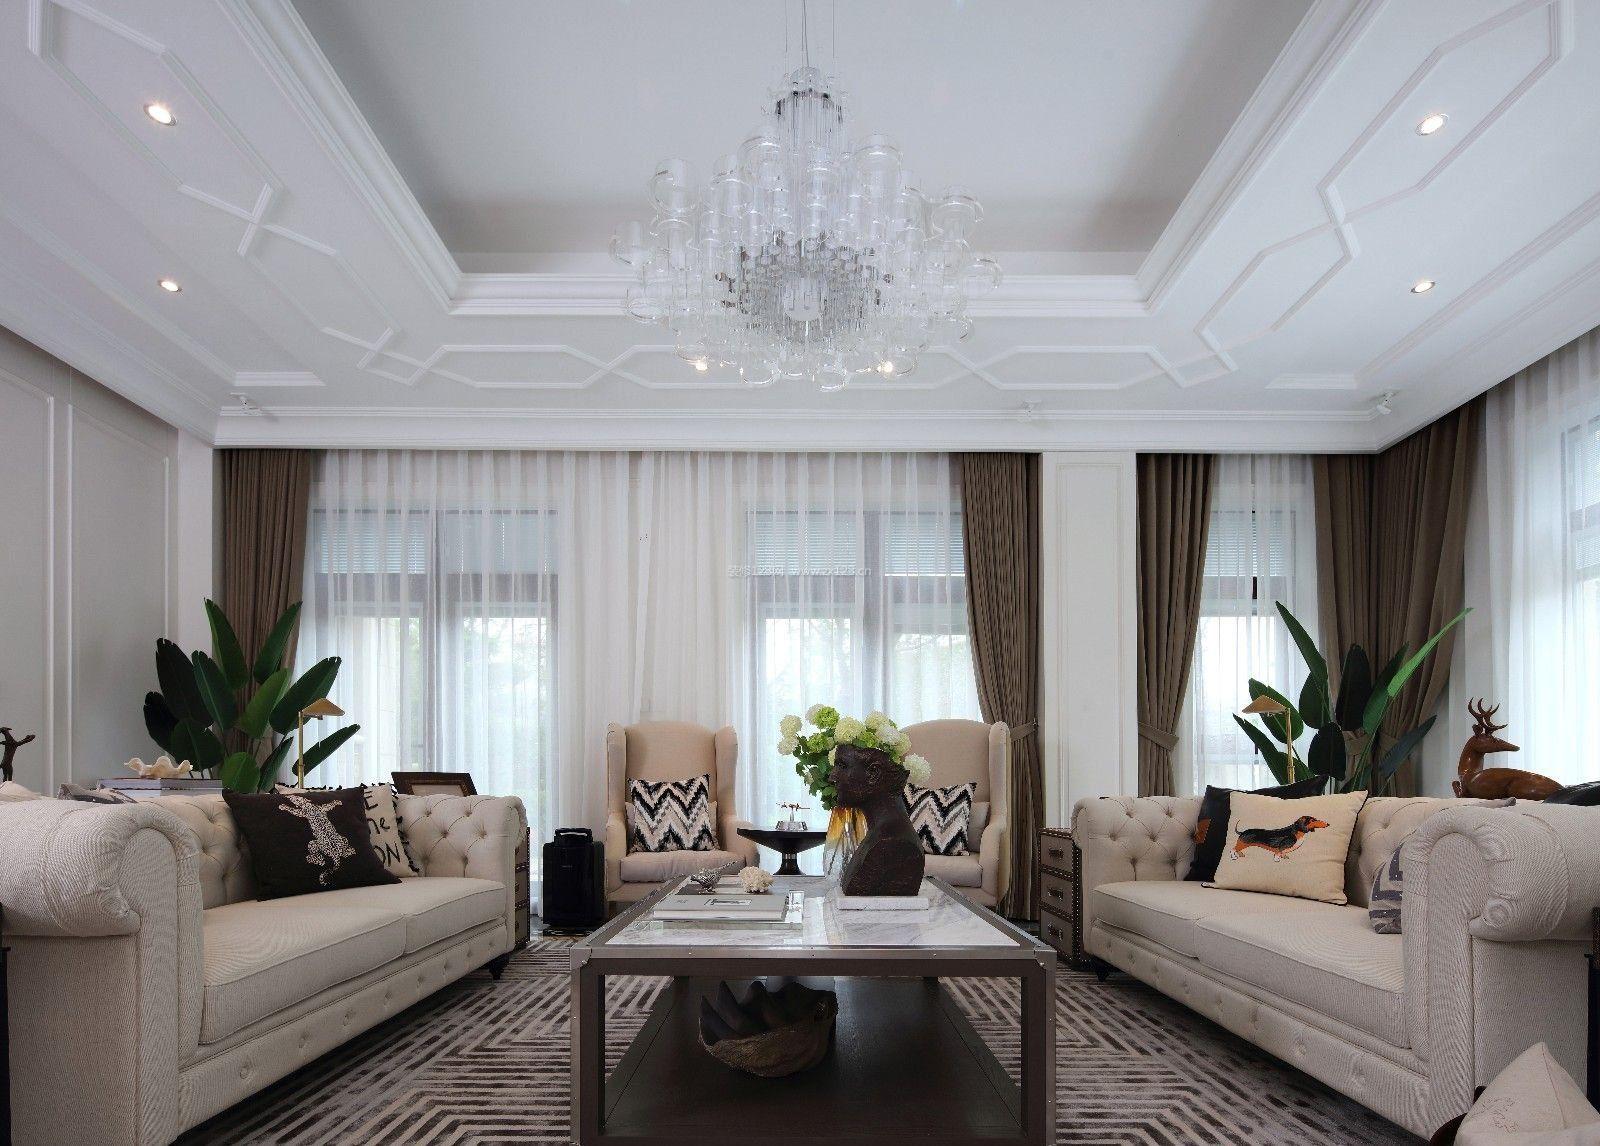 家装客厅装修技巧   家装客厅装修要点